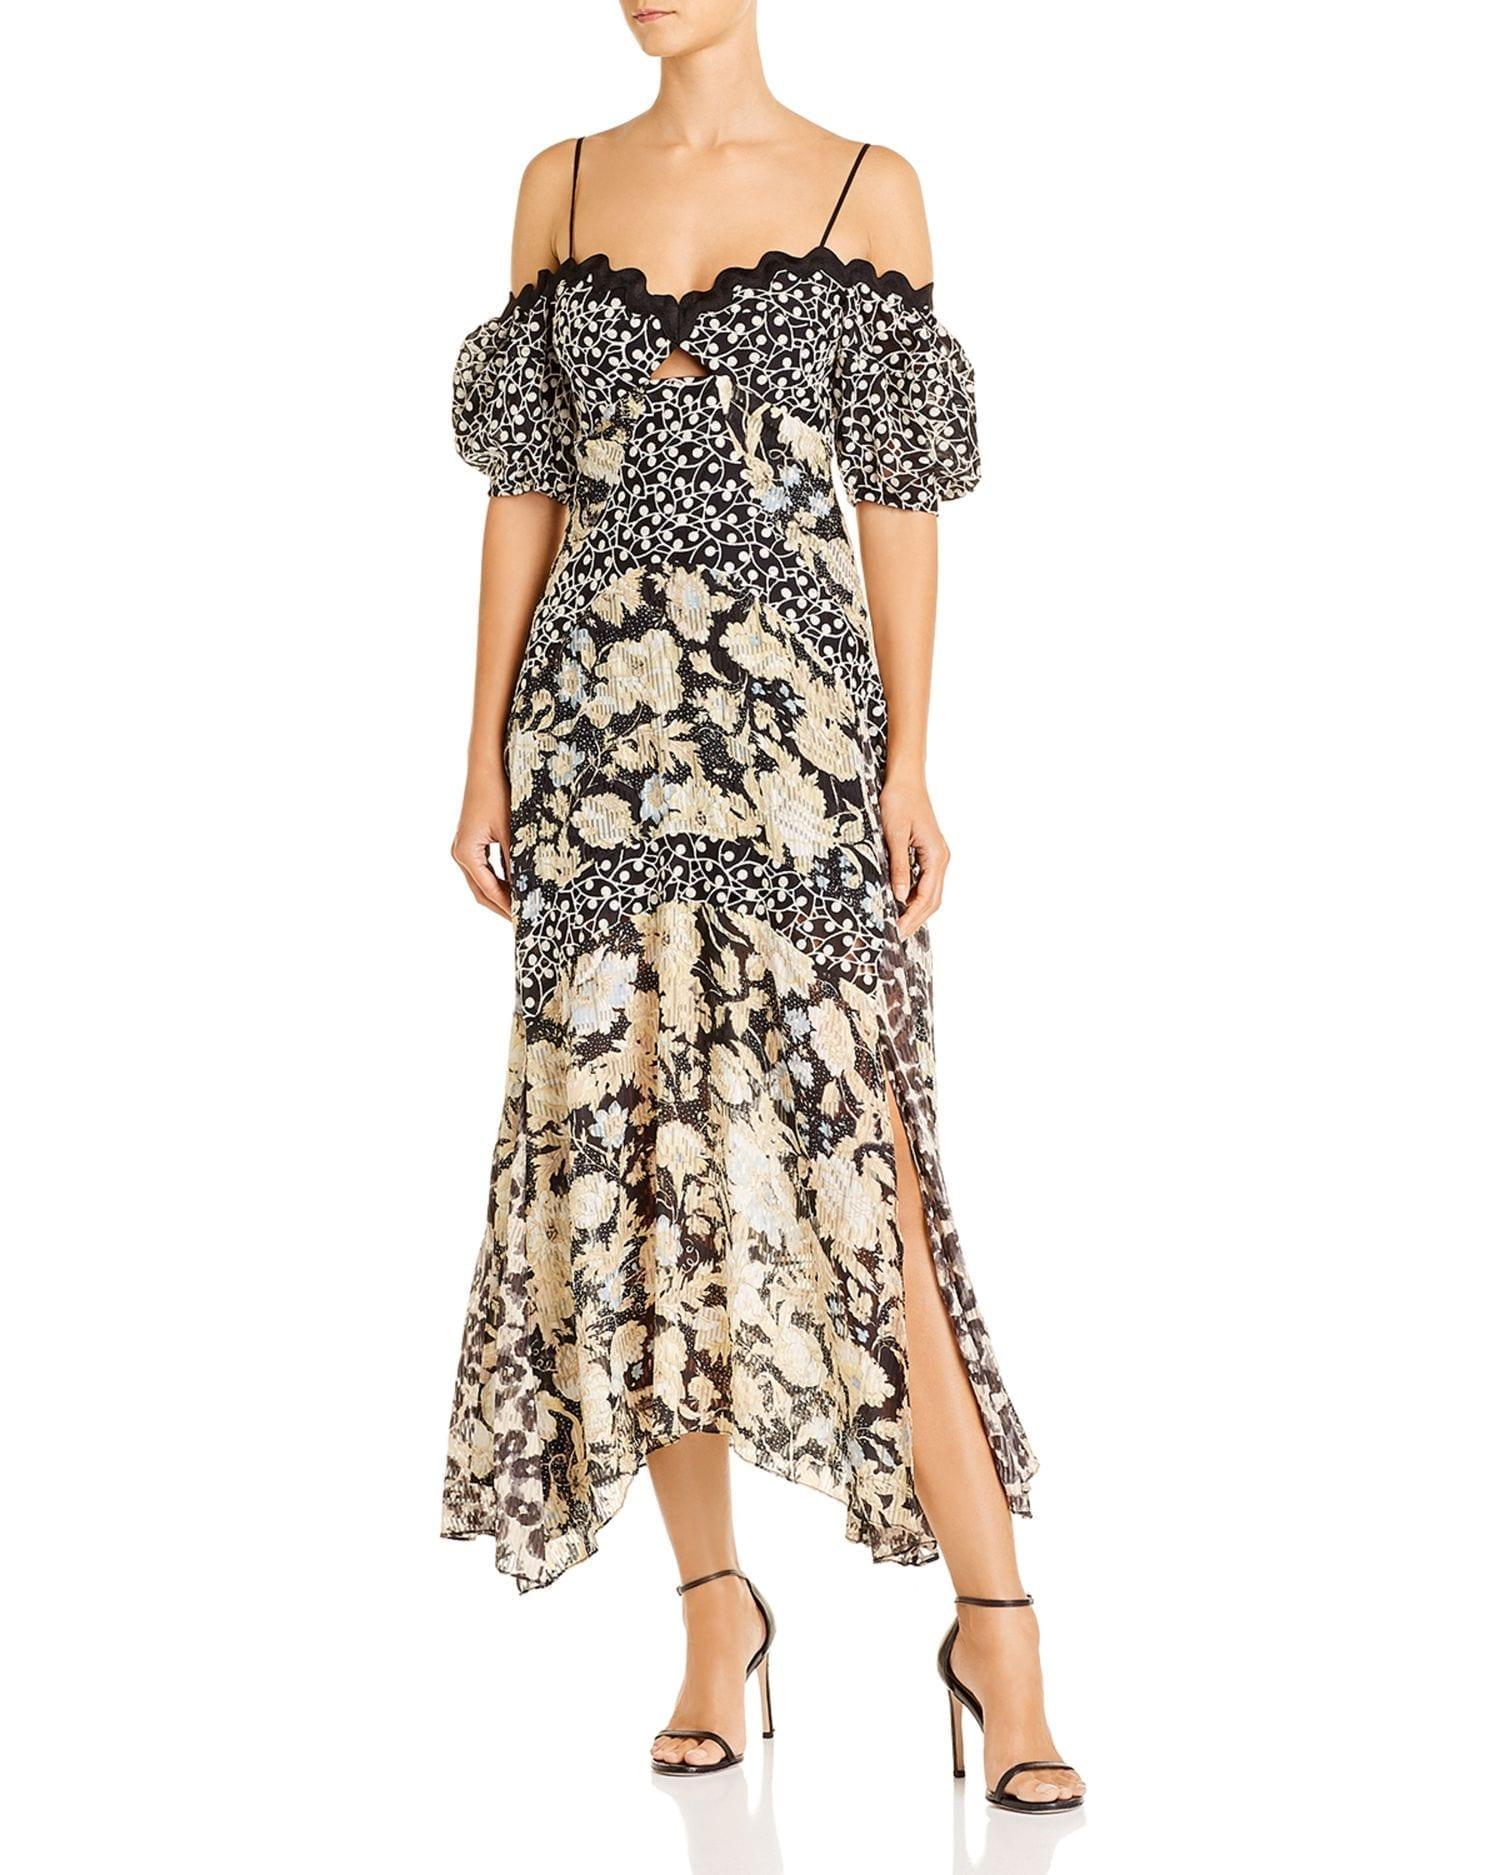 REBECCA TAYLOR Off-The-Shoulder Mixed-Print Midi Dress